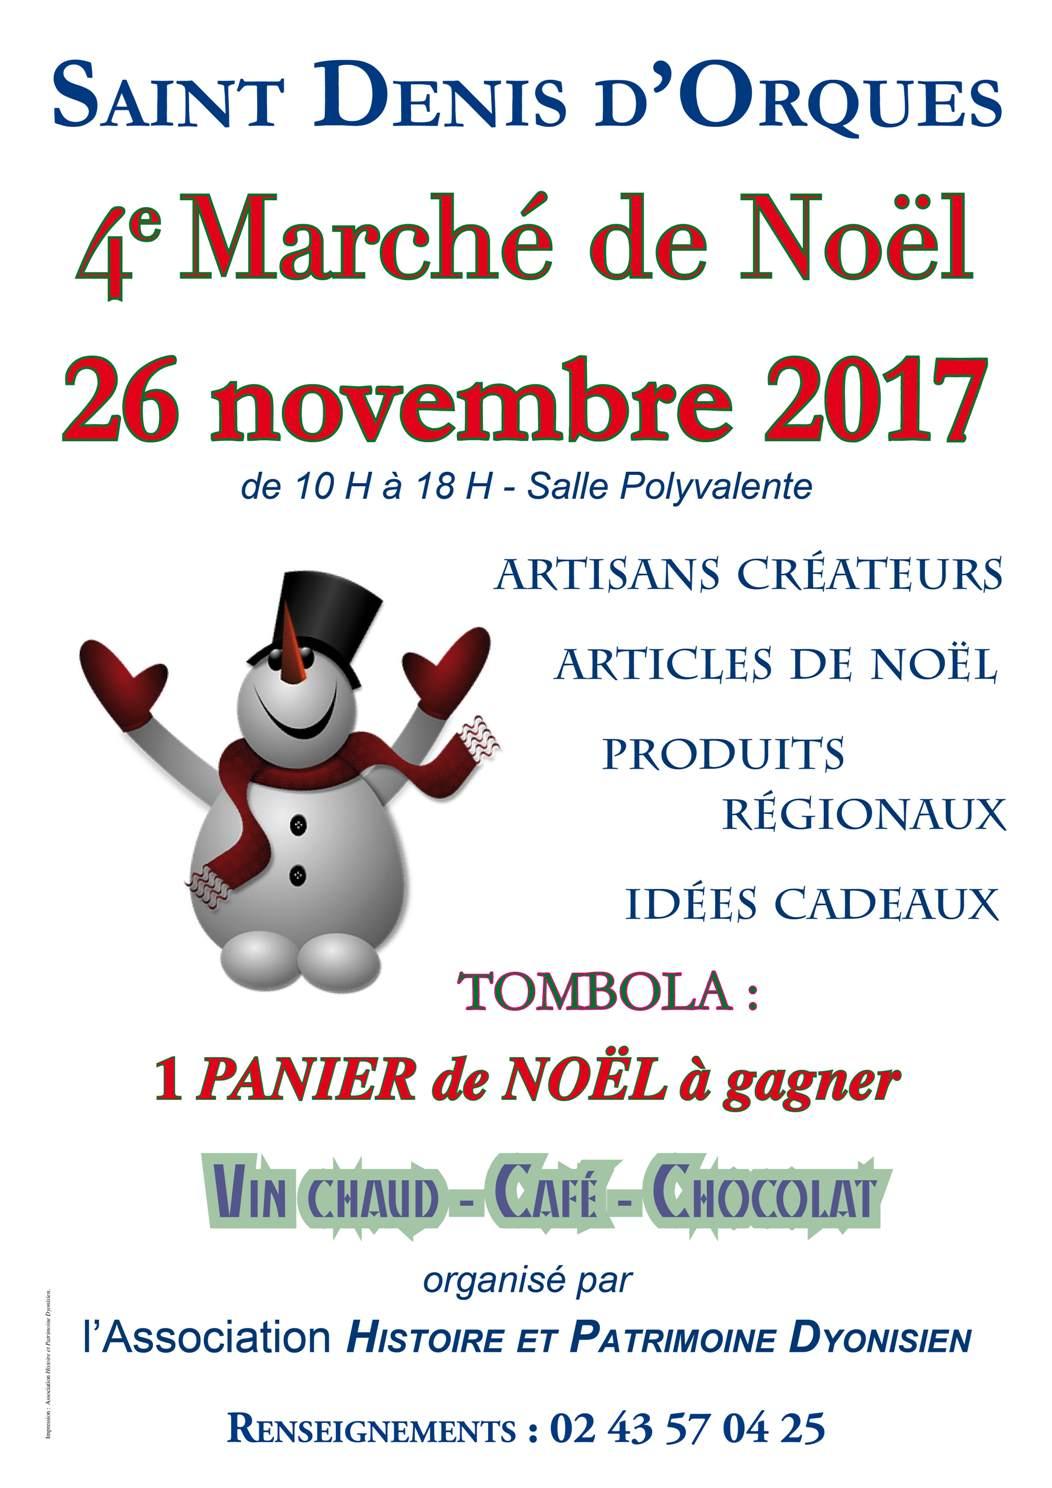 4eme-marche-de-noel-2017